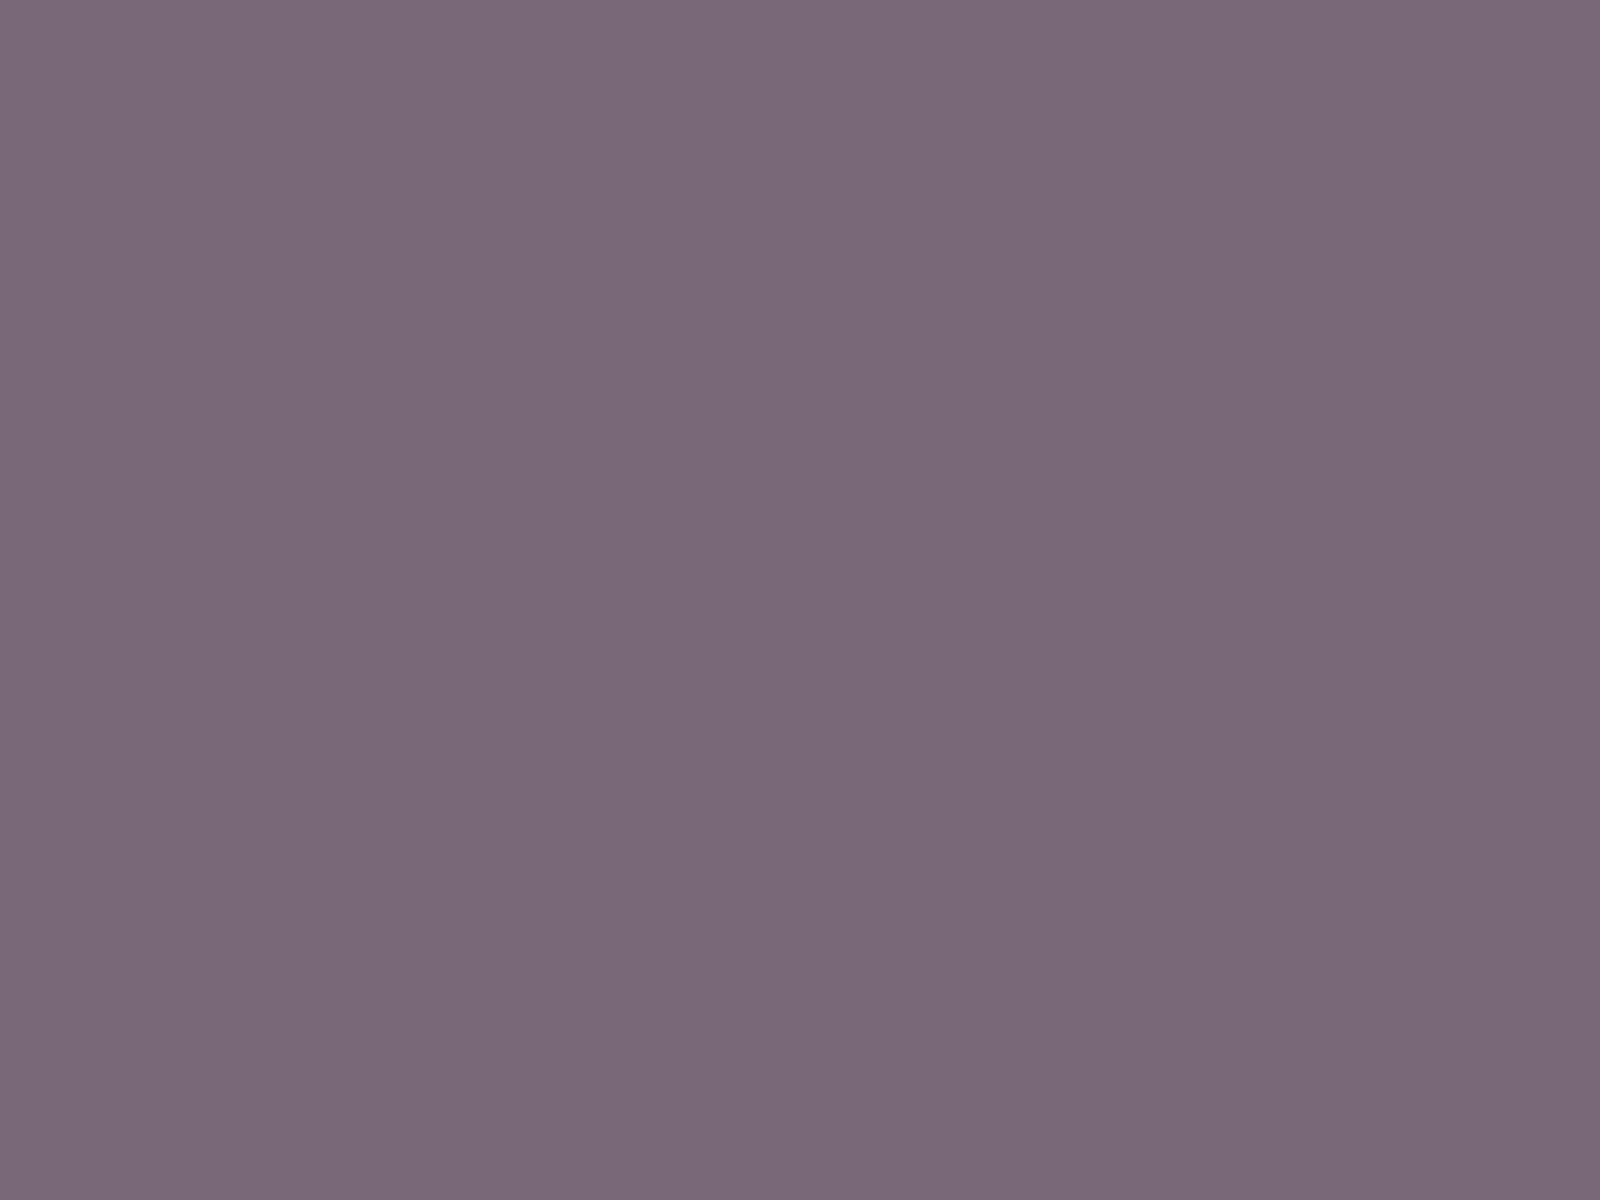 1600x1200 Old Lavender Solid Color Background